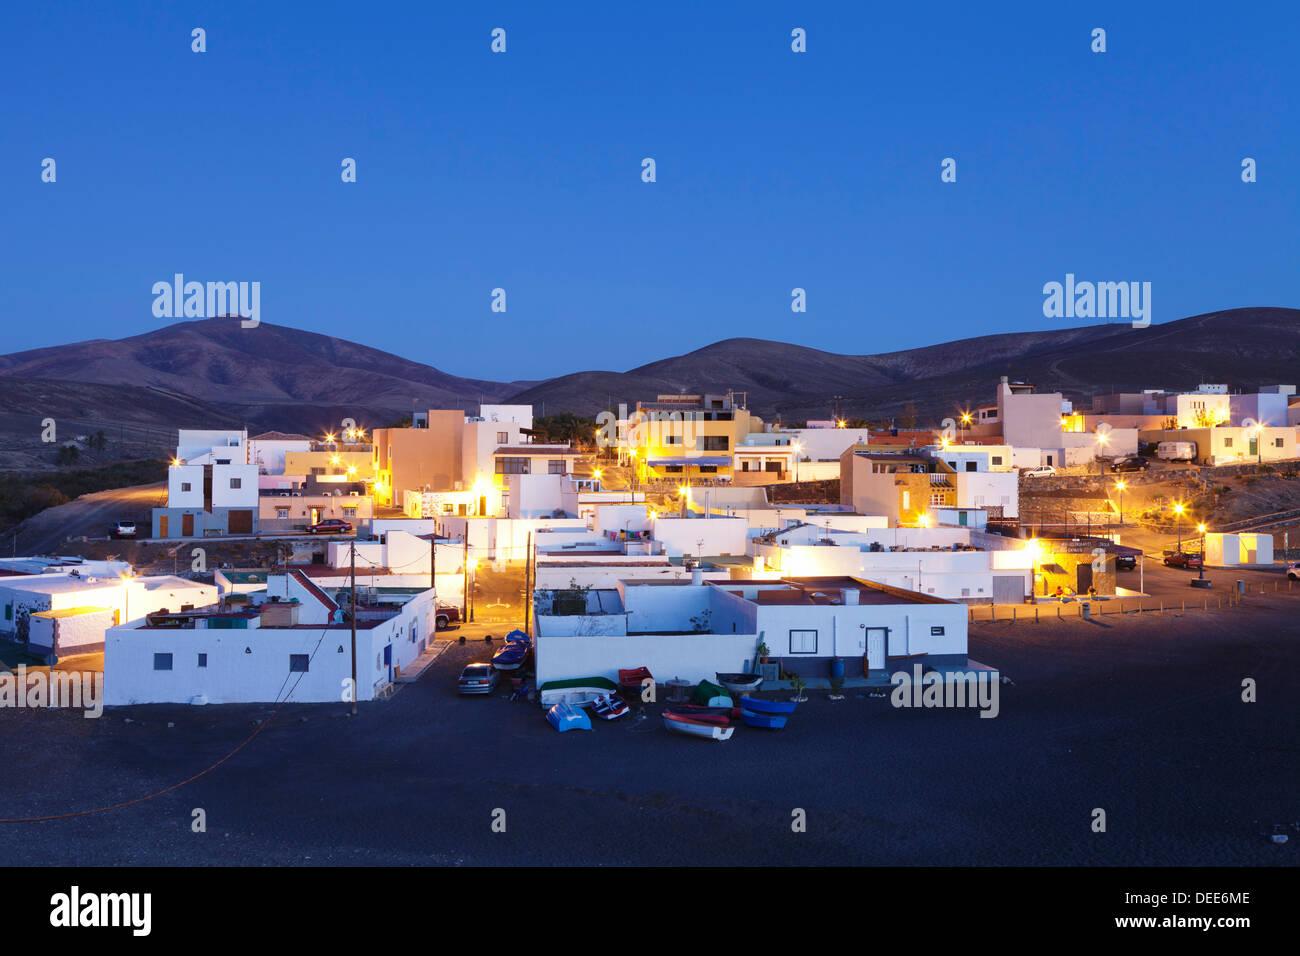 Ajuy, Fuerteventura, Kanarische Inseln, Spanien, Atlantik, Europa Stockbild